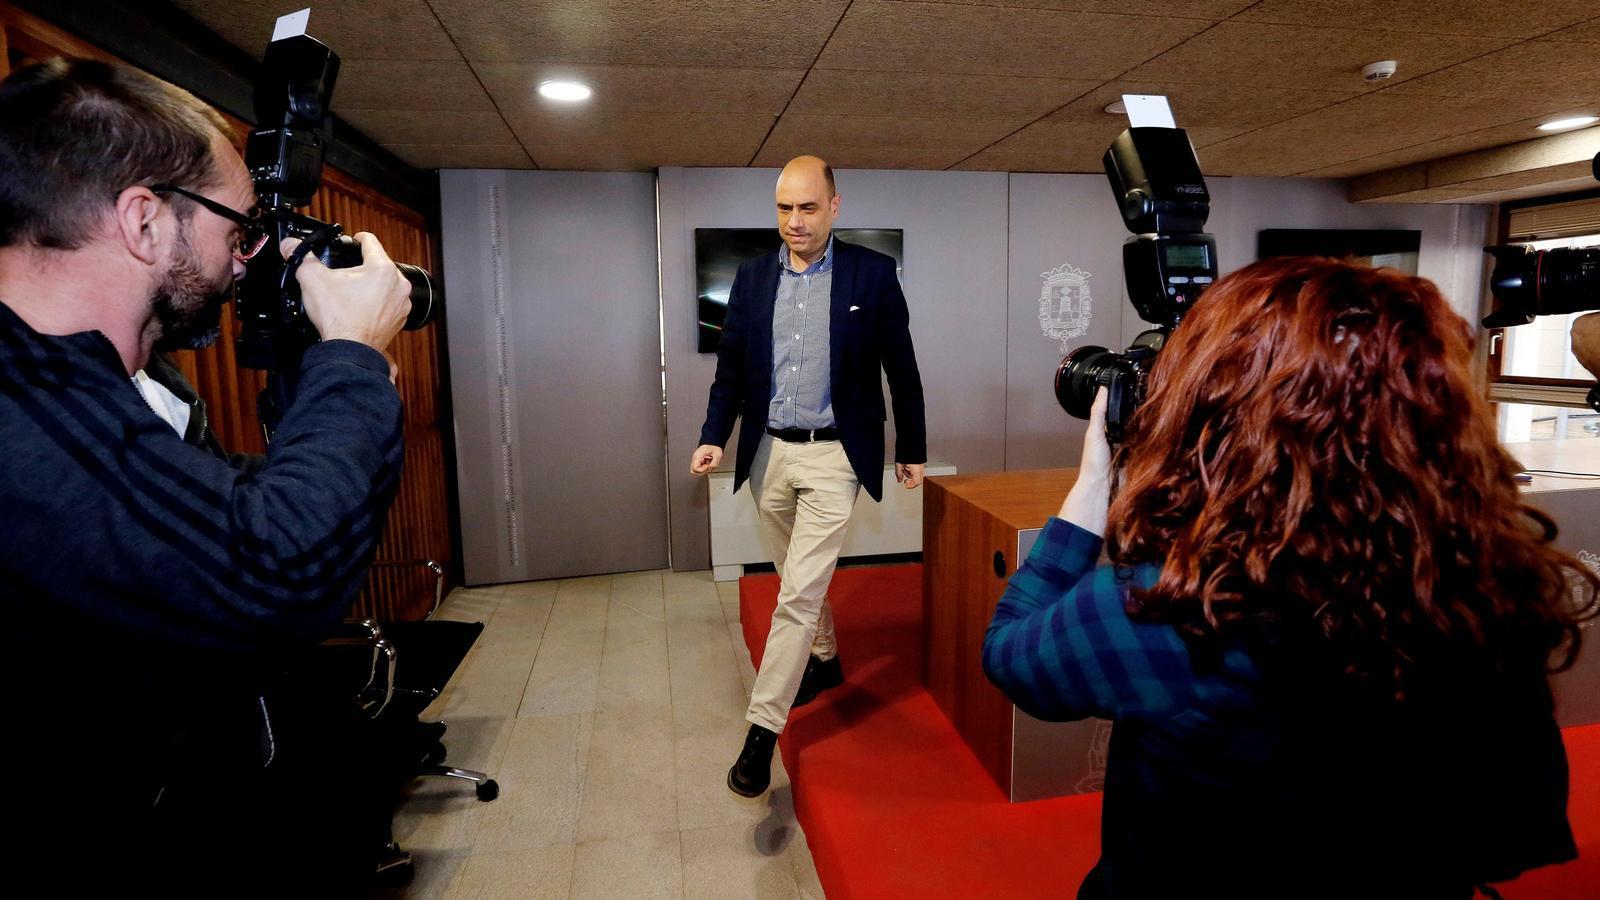 L'alcalde d'Alacant, Gabriel Echávarri, després de comparèixer davant els mitjans de comunicació.